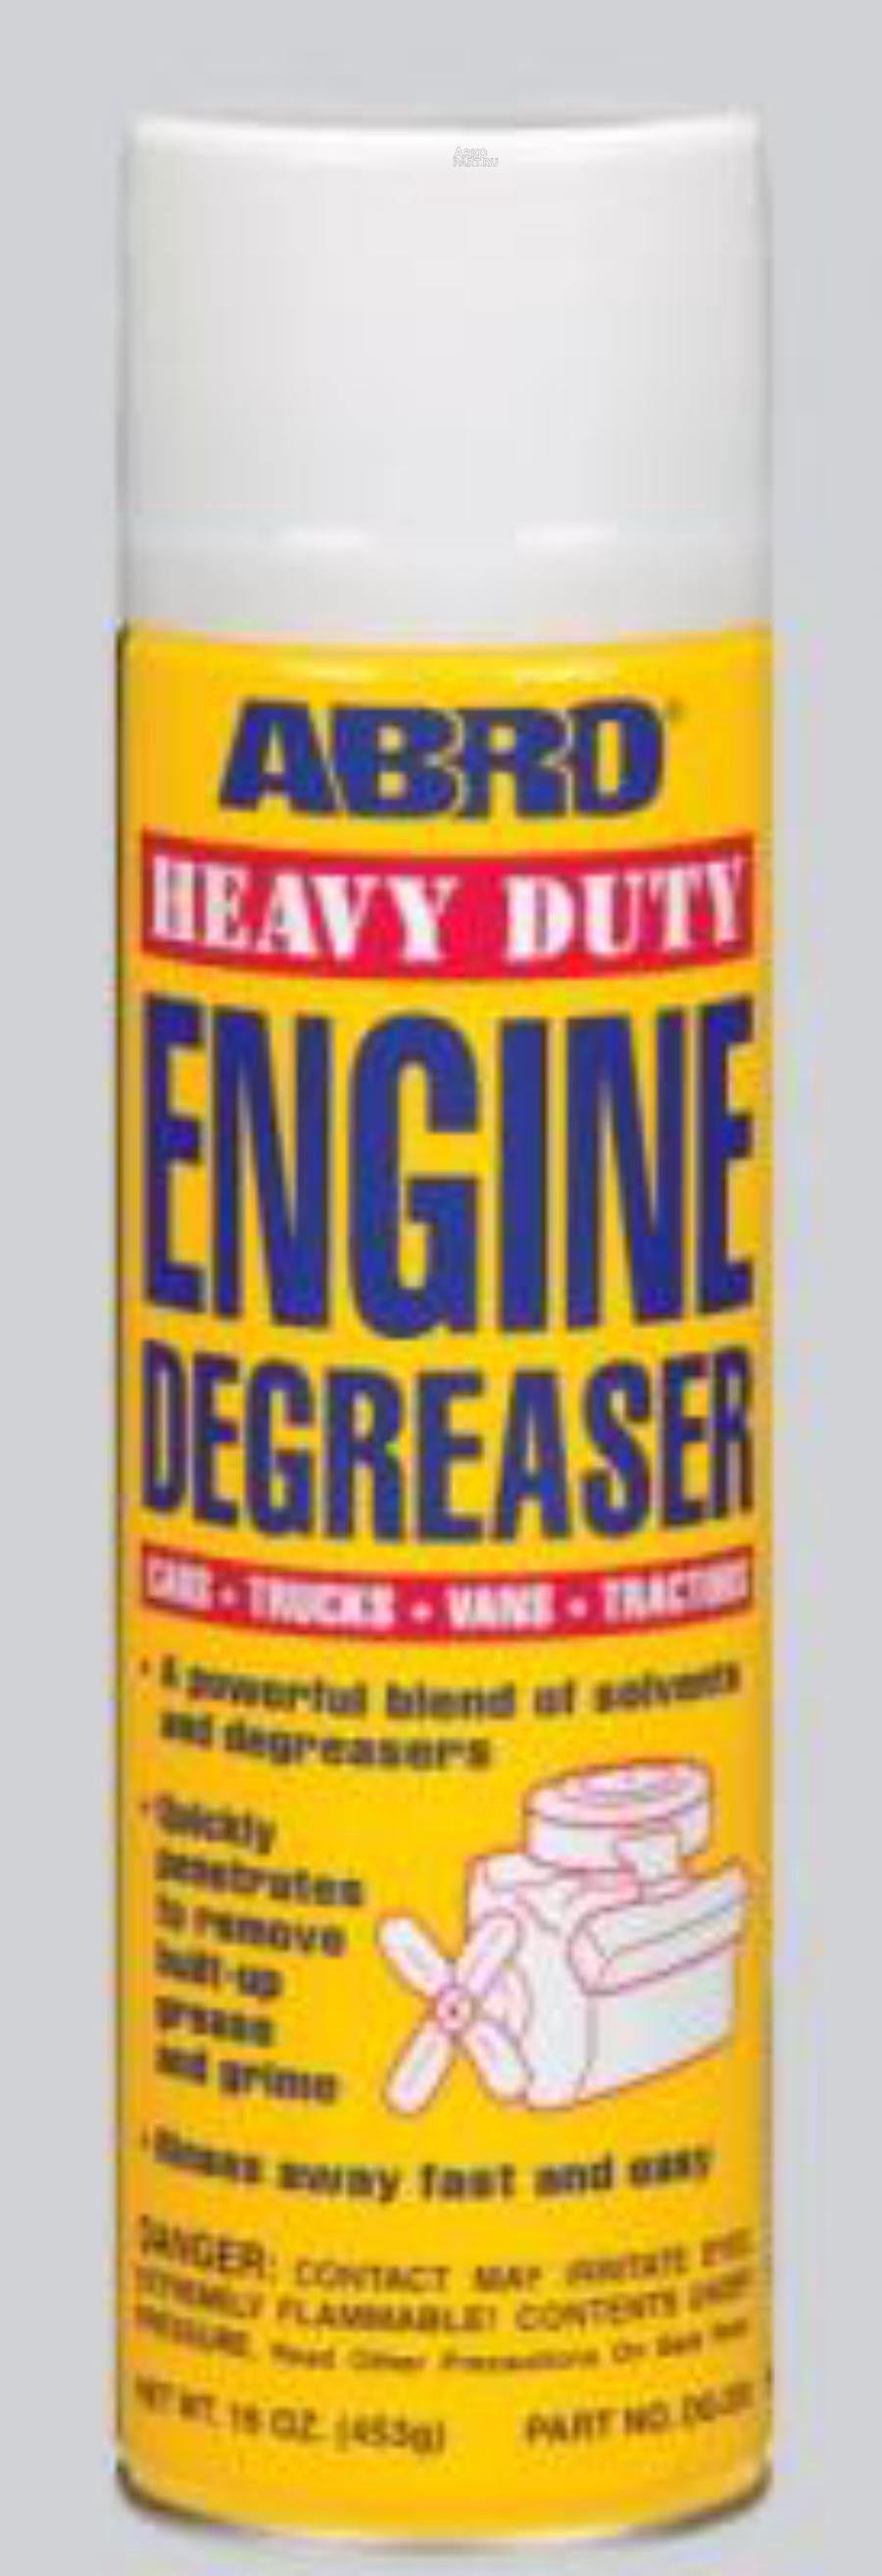 Жидкость очиститель двигателя - спрей 453 Г